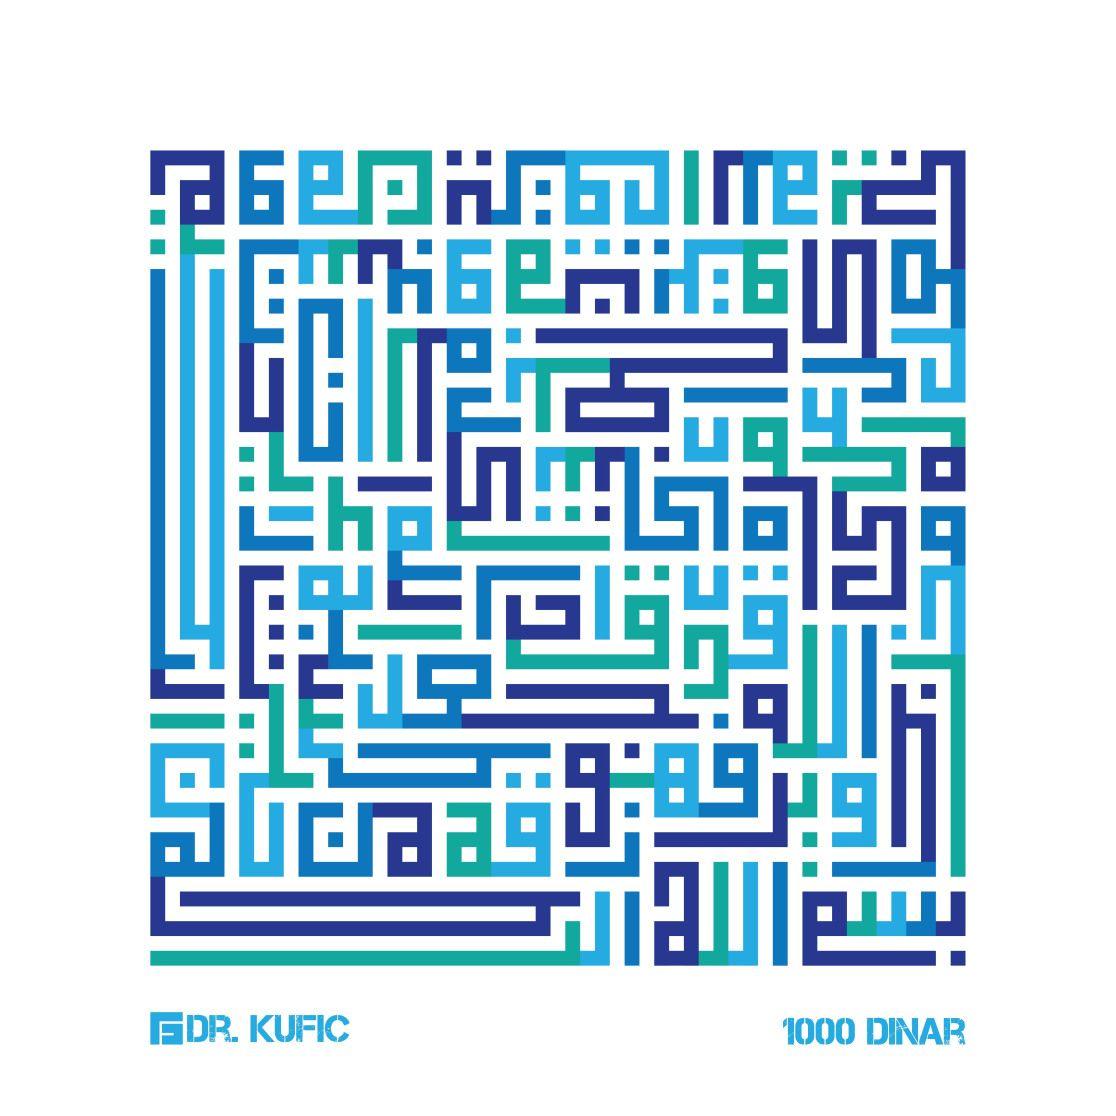 Kufi Seni kaligrafi, Seni, Kaligrafi islam